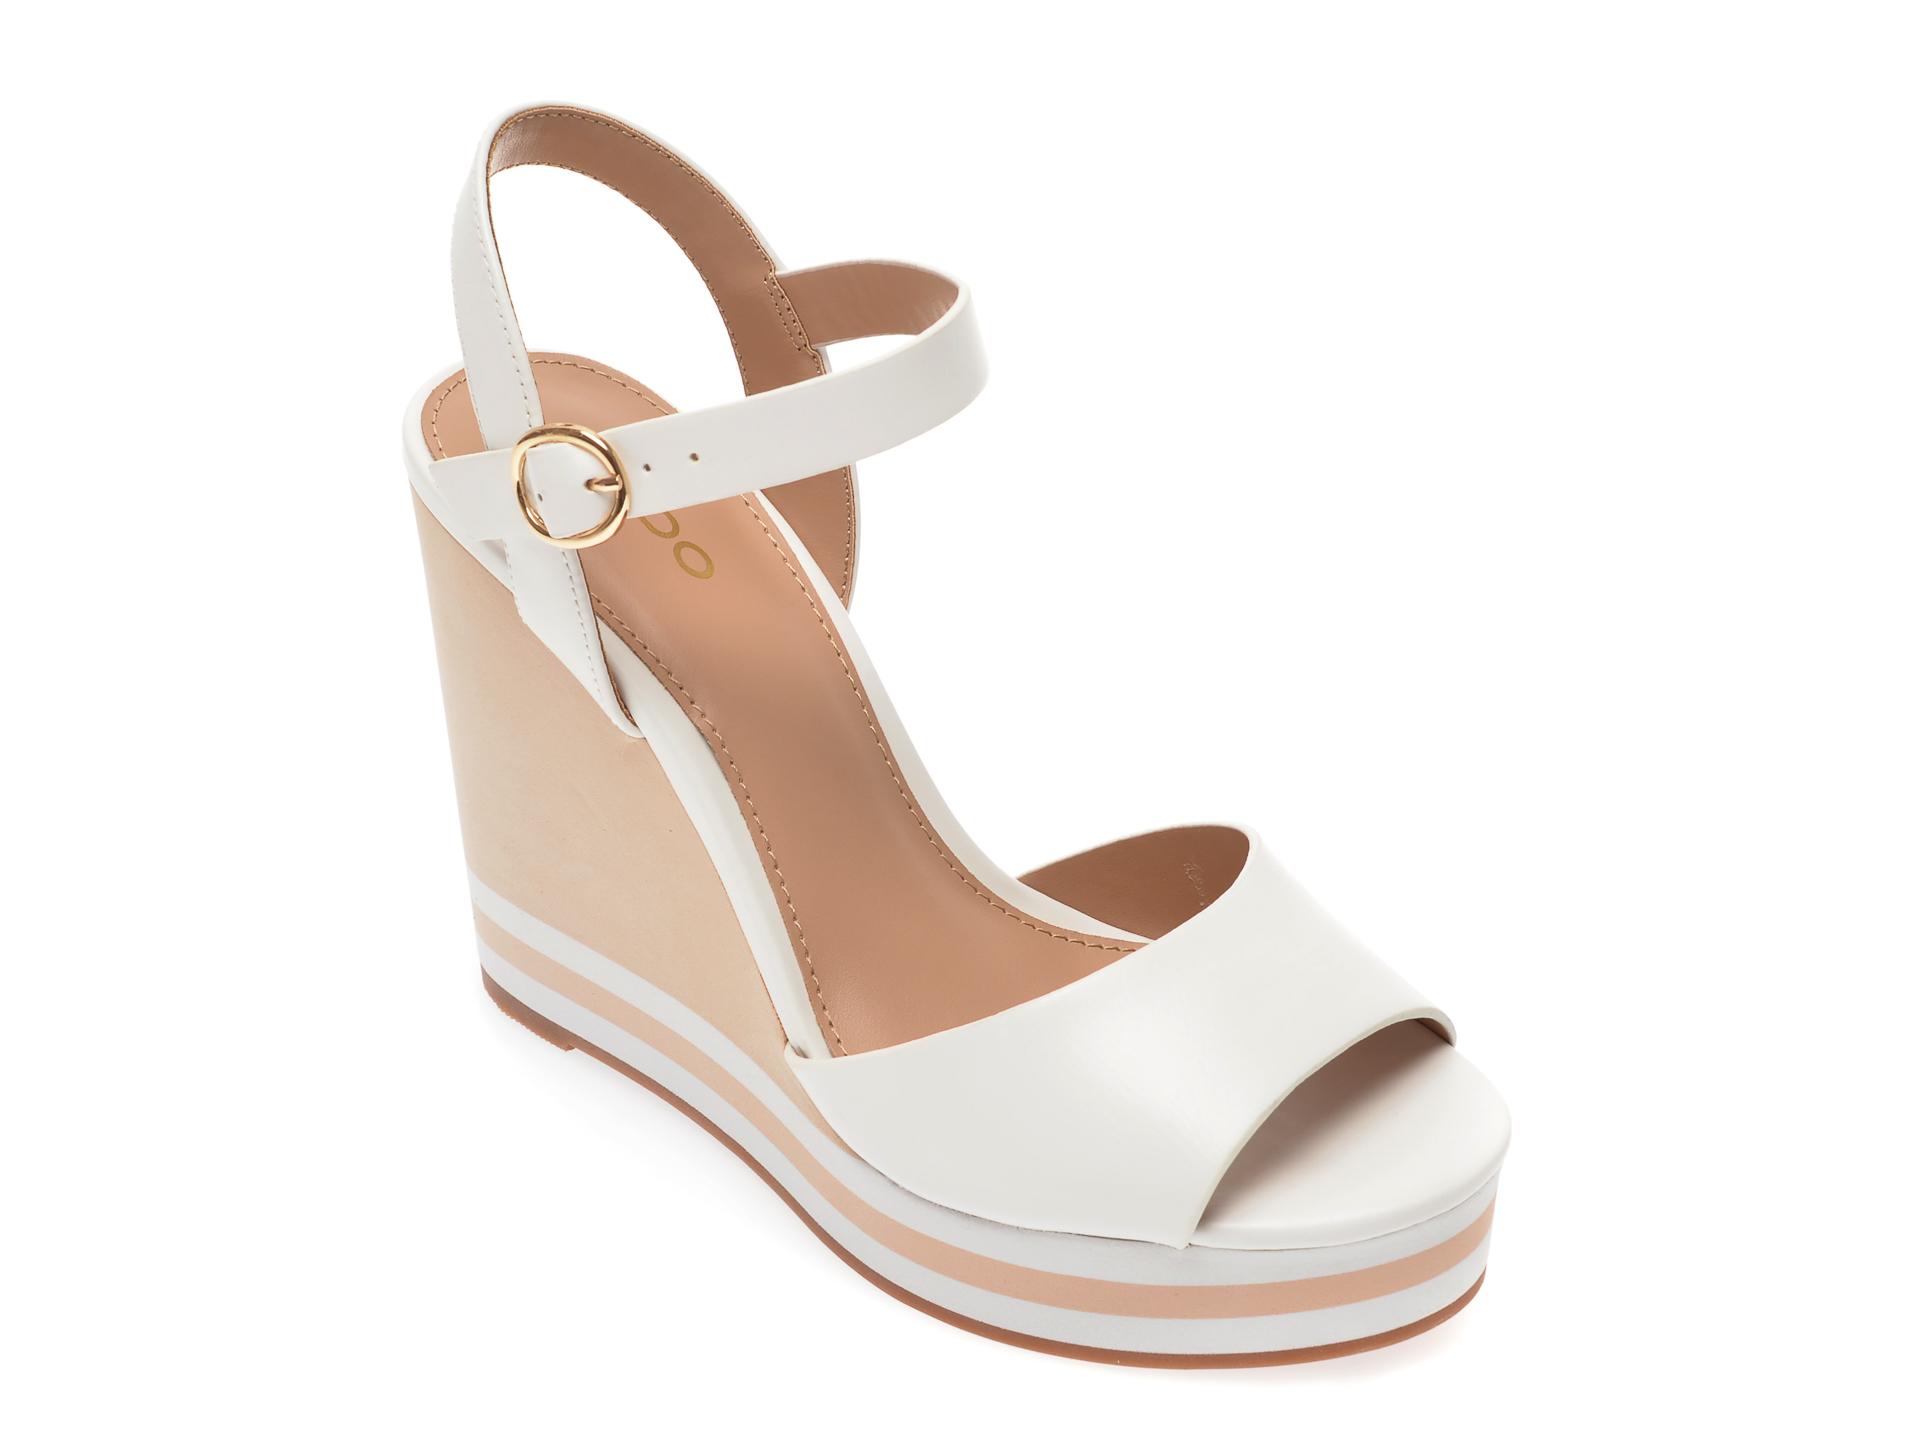 Sandale ALDO albe, Broa100, din piele ecologica